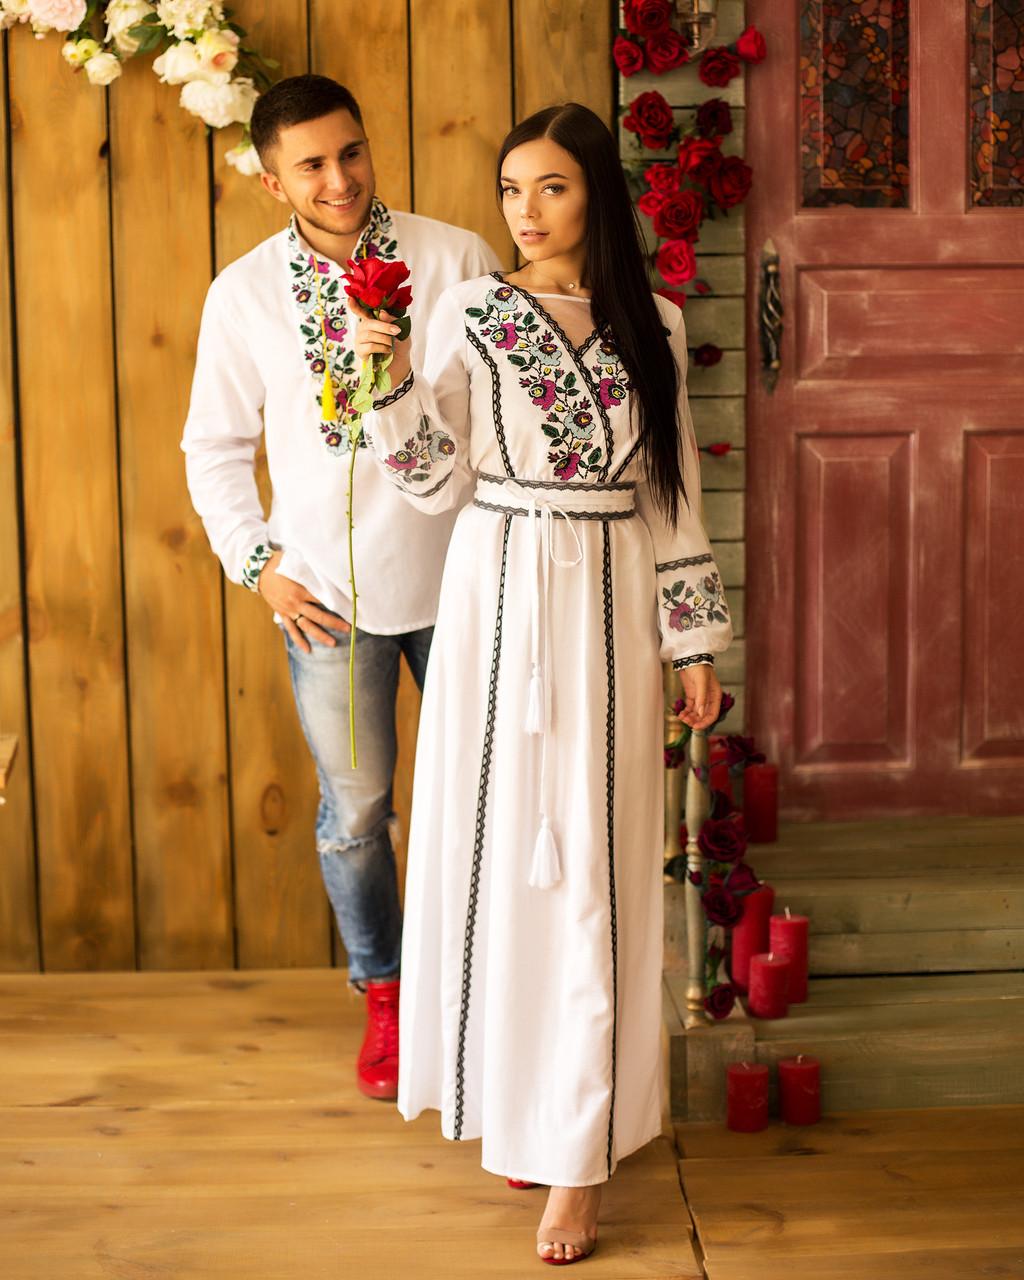 Вышиванки для пары платье и рубашка Мавка - Вишиванки Merezhka в Хмельницком 98b2733c9b003